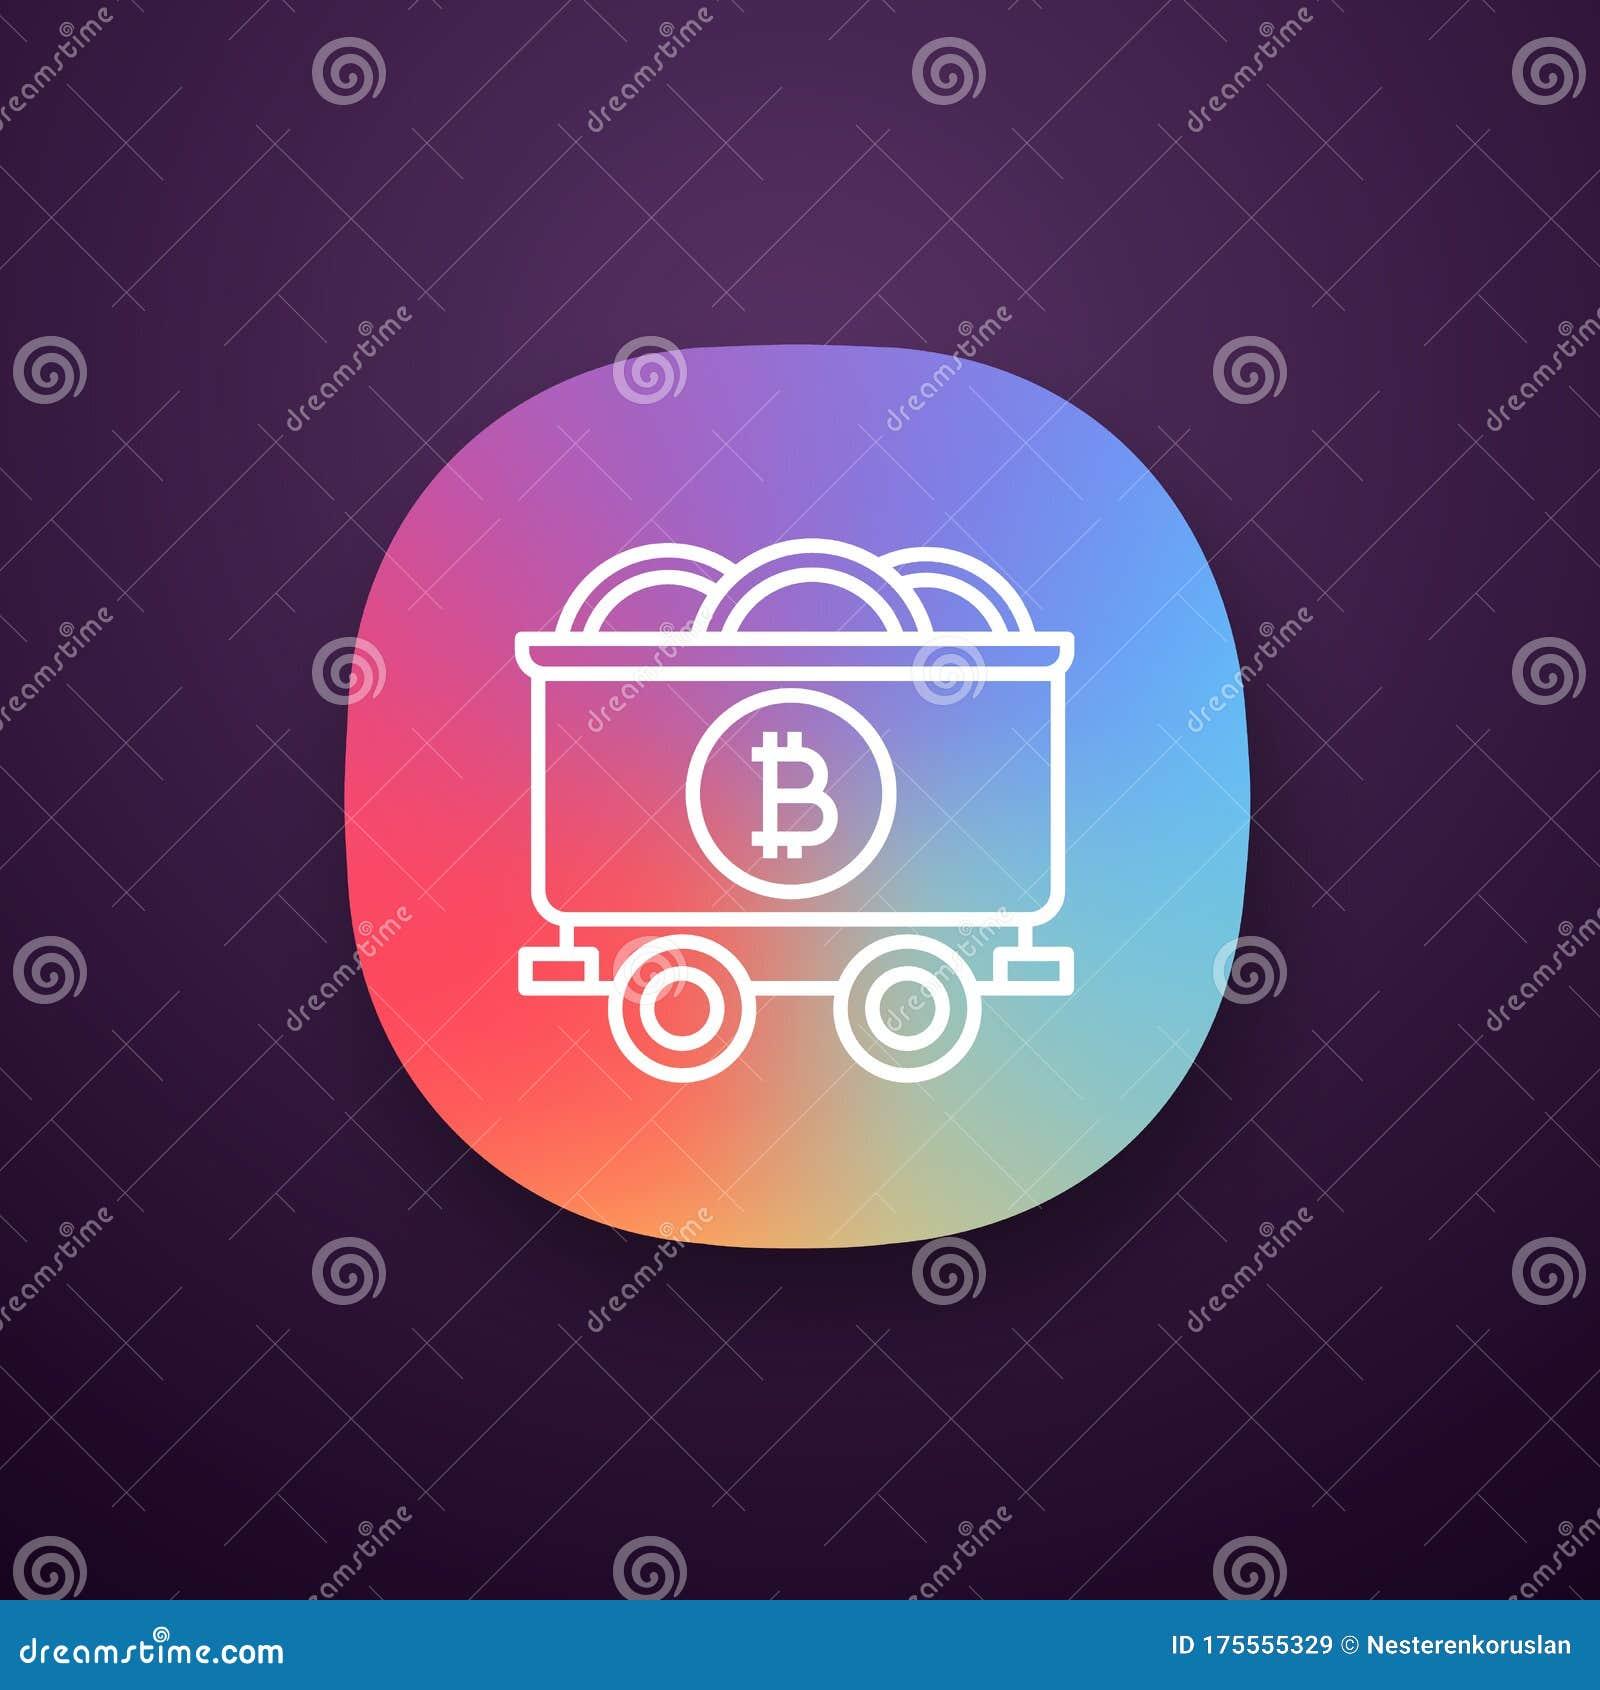 miner coin app